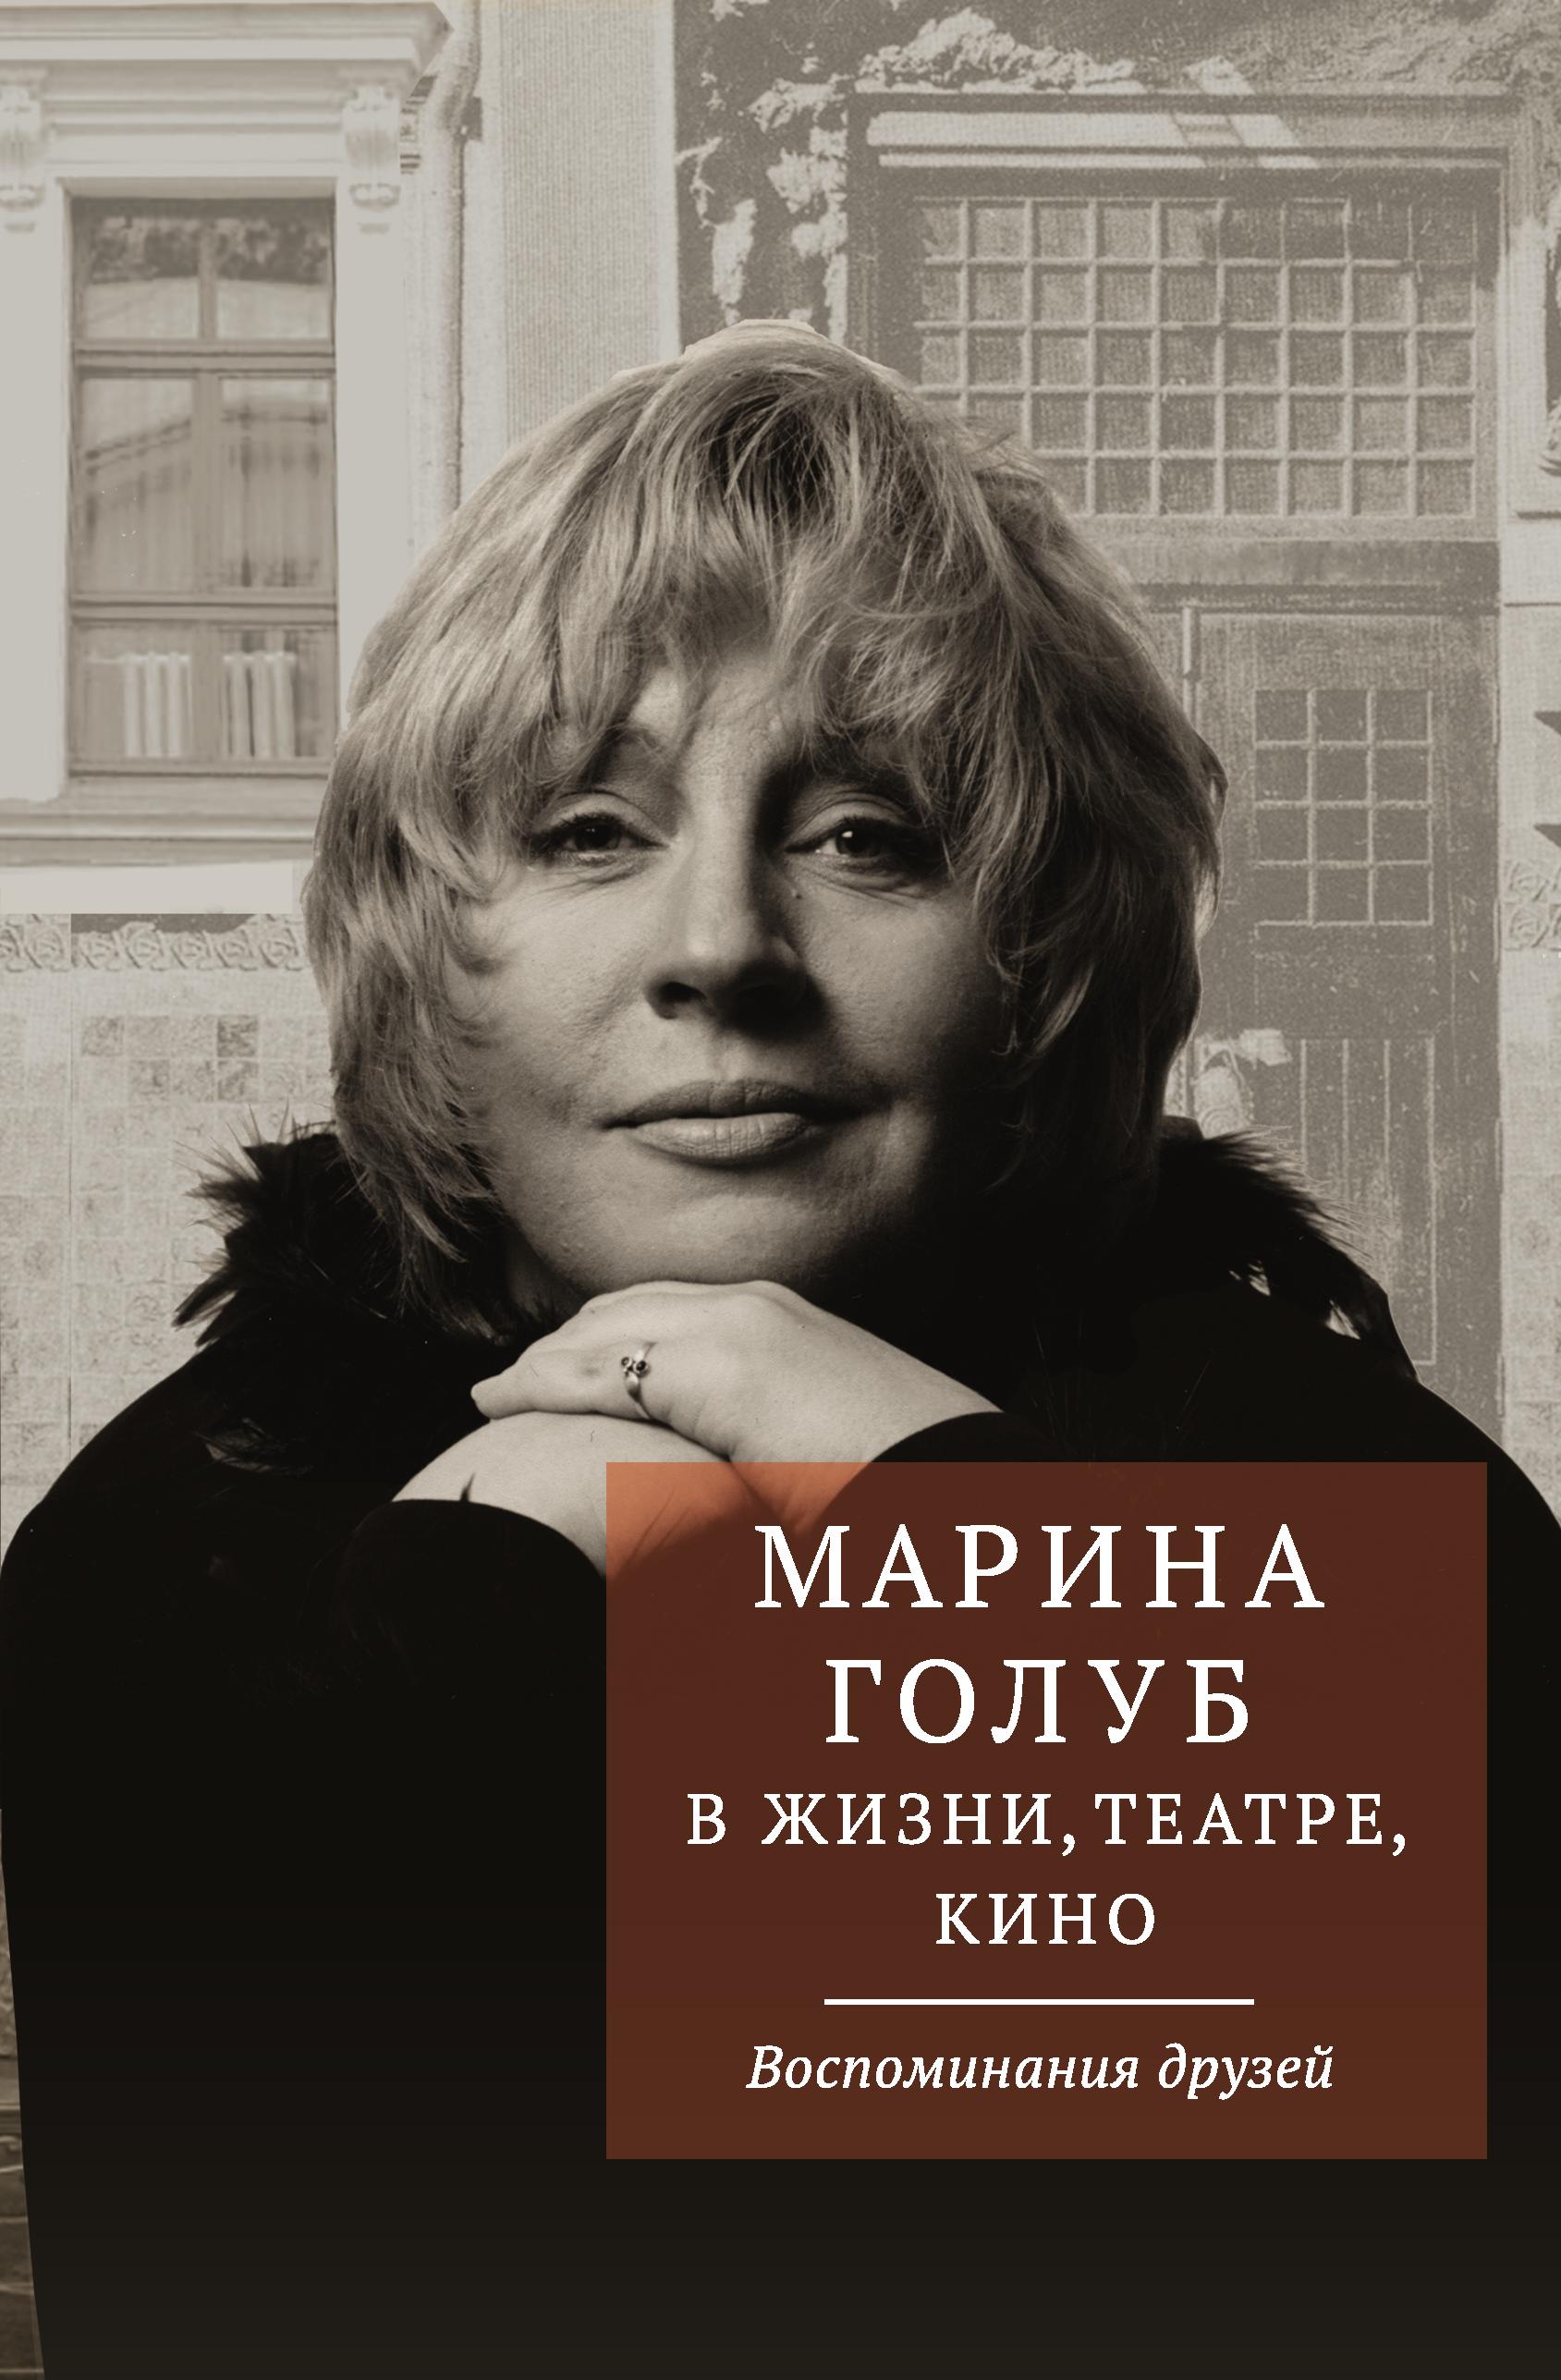 Борзенко В.В. Марина Голуб в жизни, театре, кино. Воспоминания друзей павел лунгин такси блюз и другие киносценарии